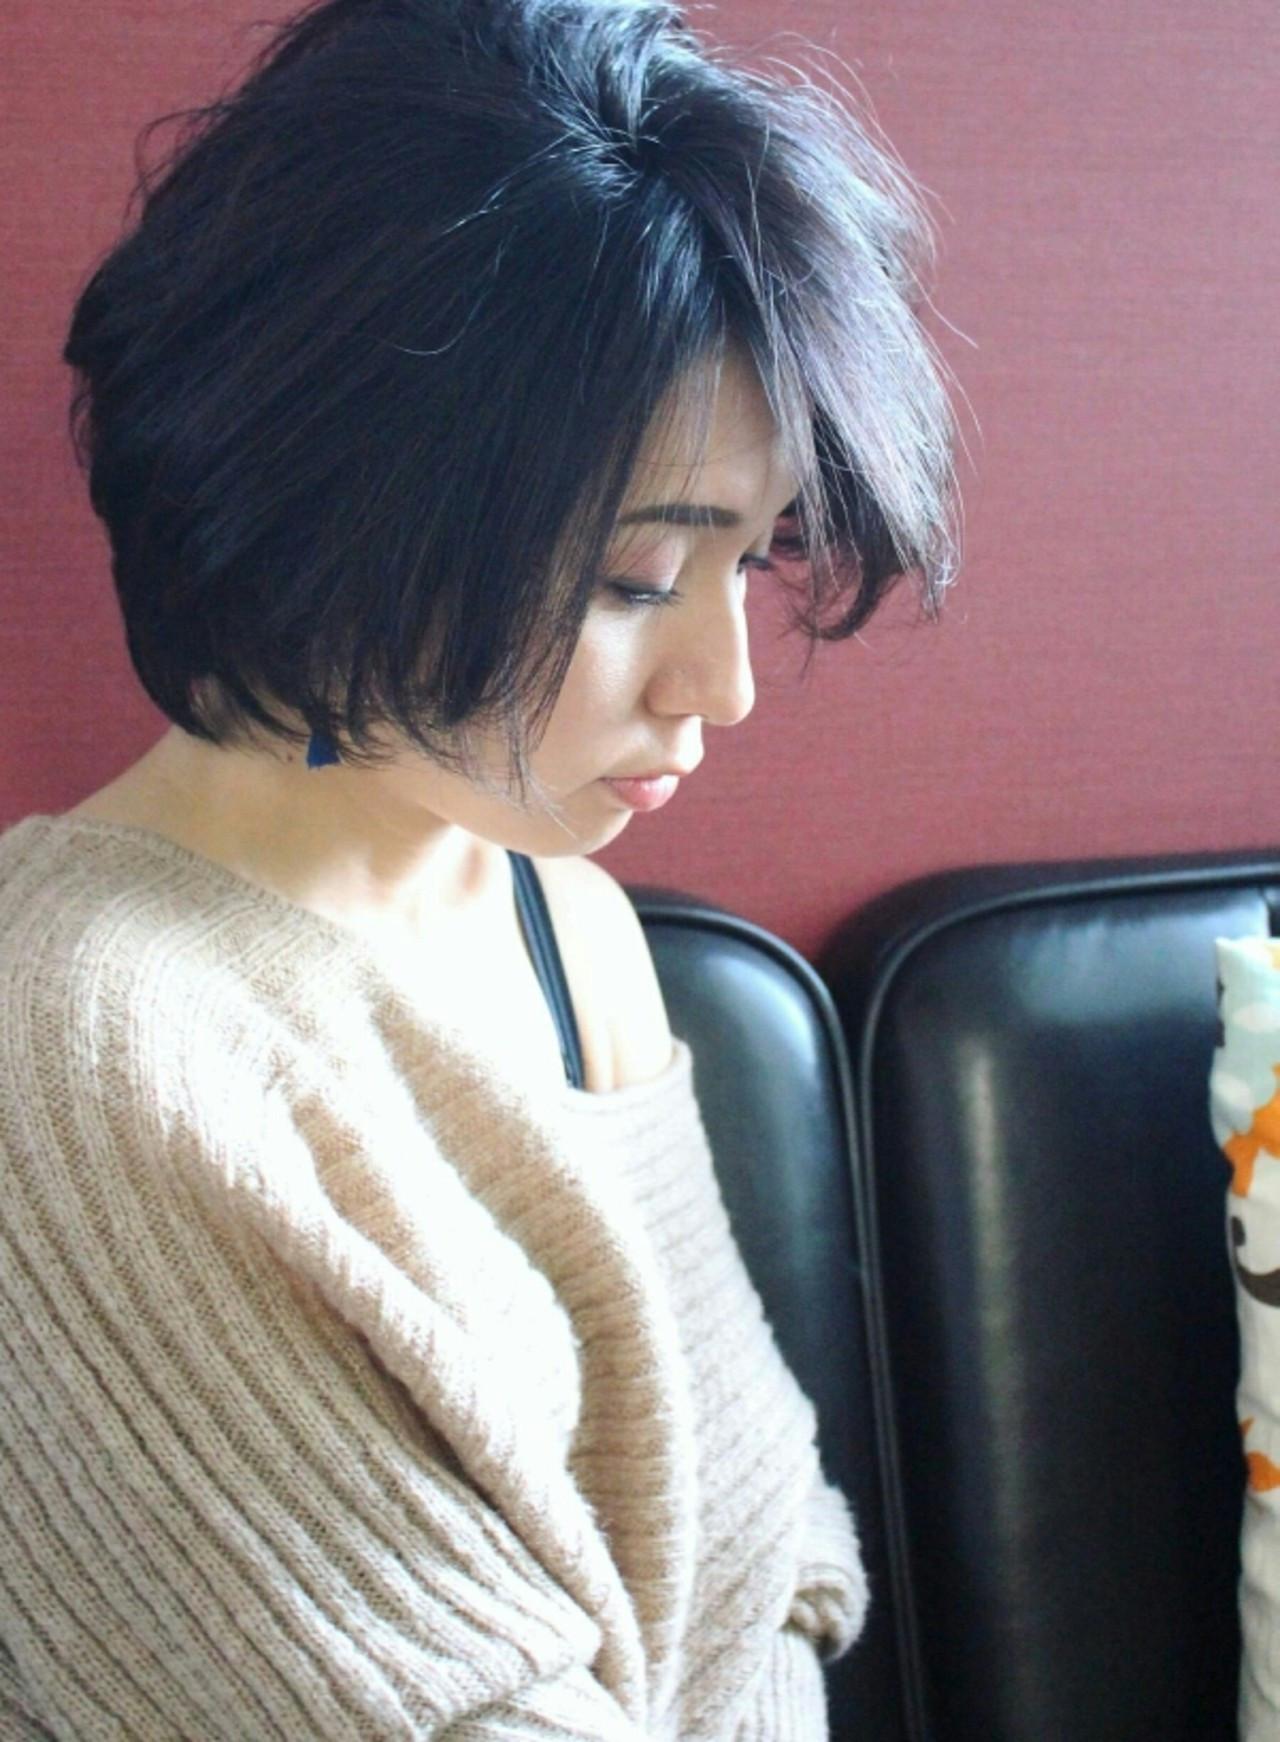 アッシュでくすみ感と透明感を手に入れて♪ Seiichirou Ueda